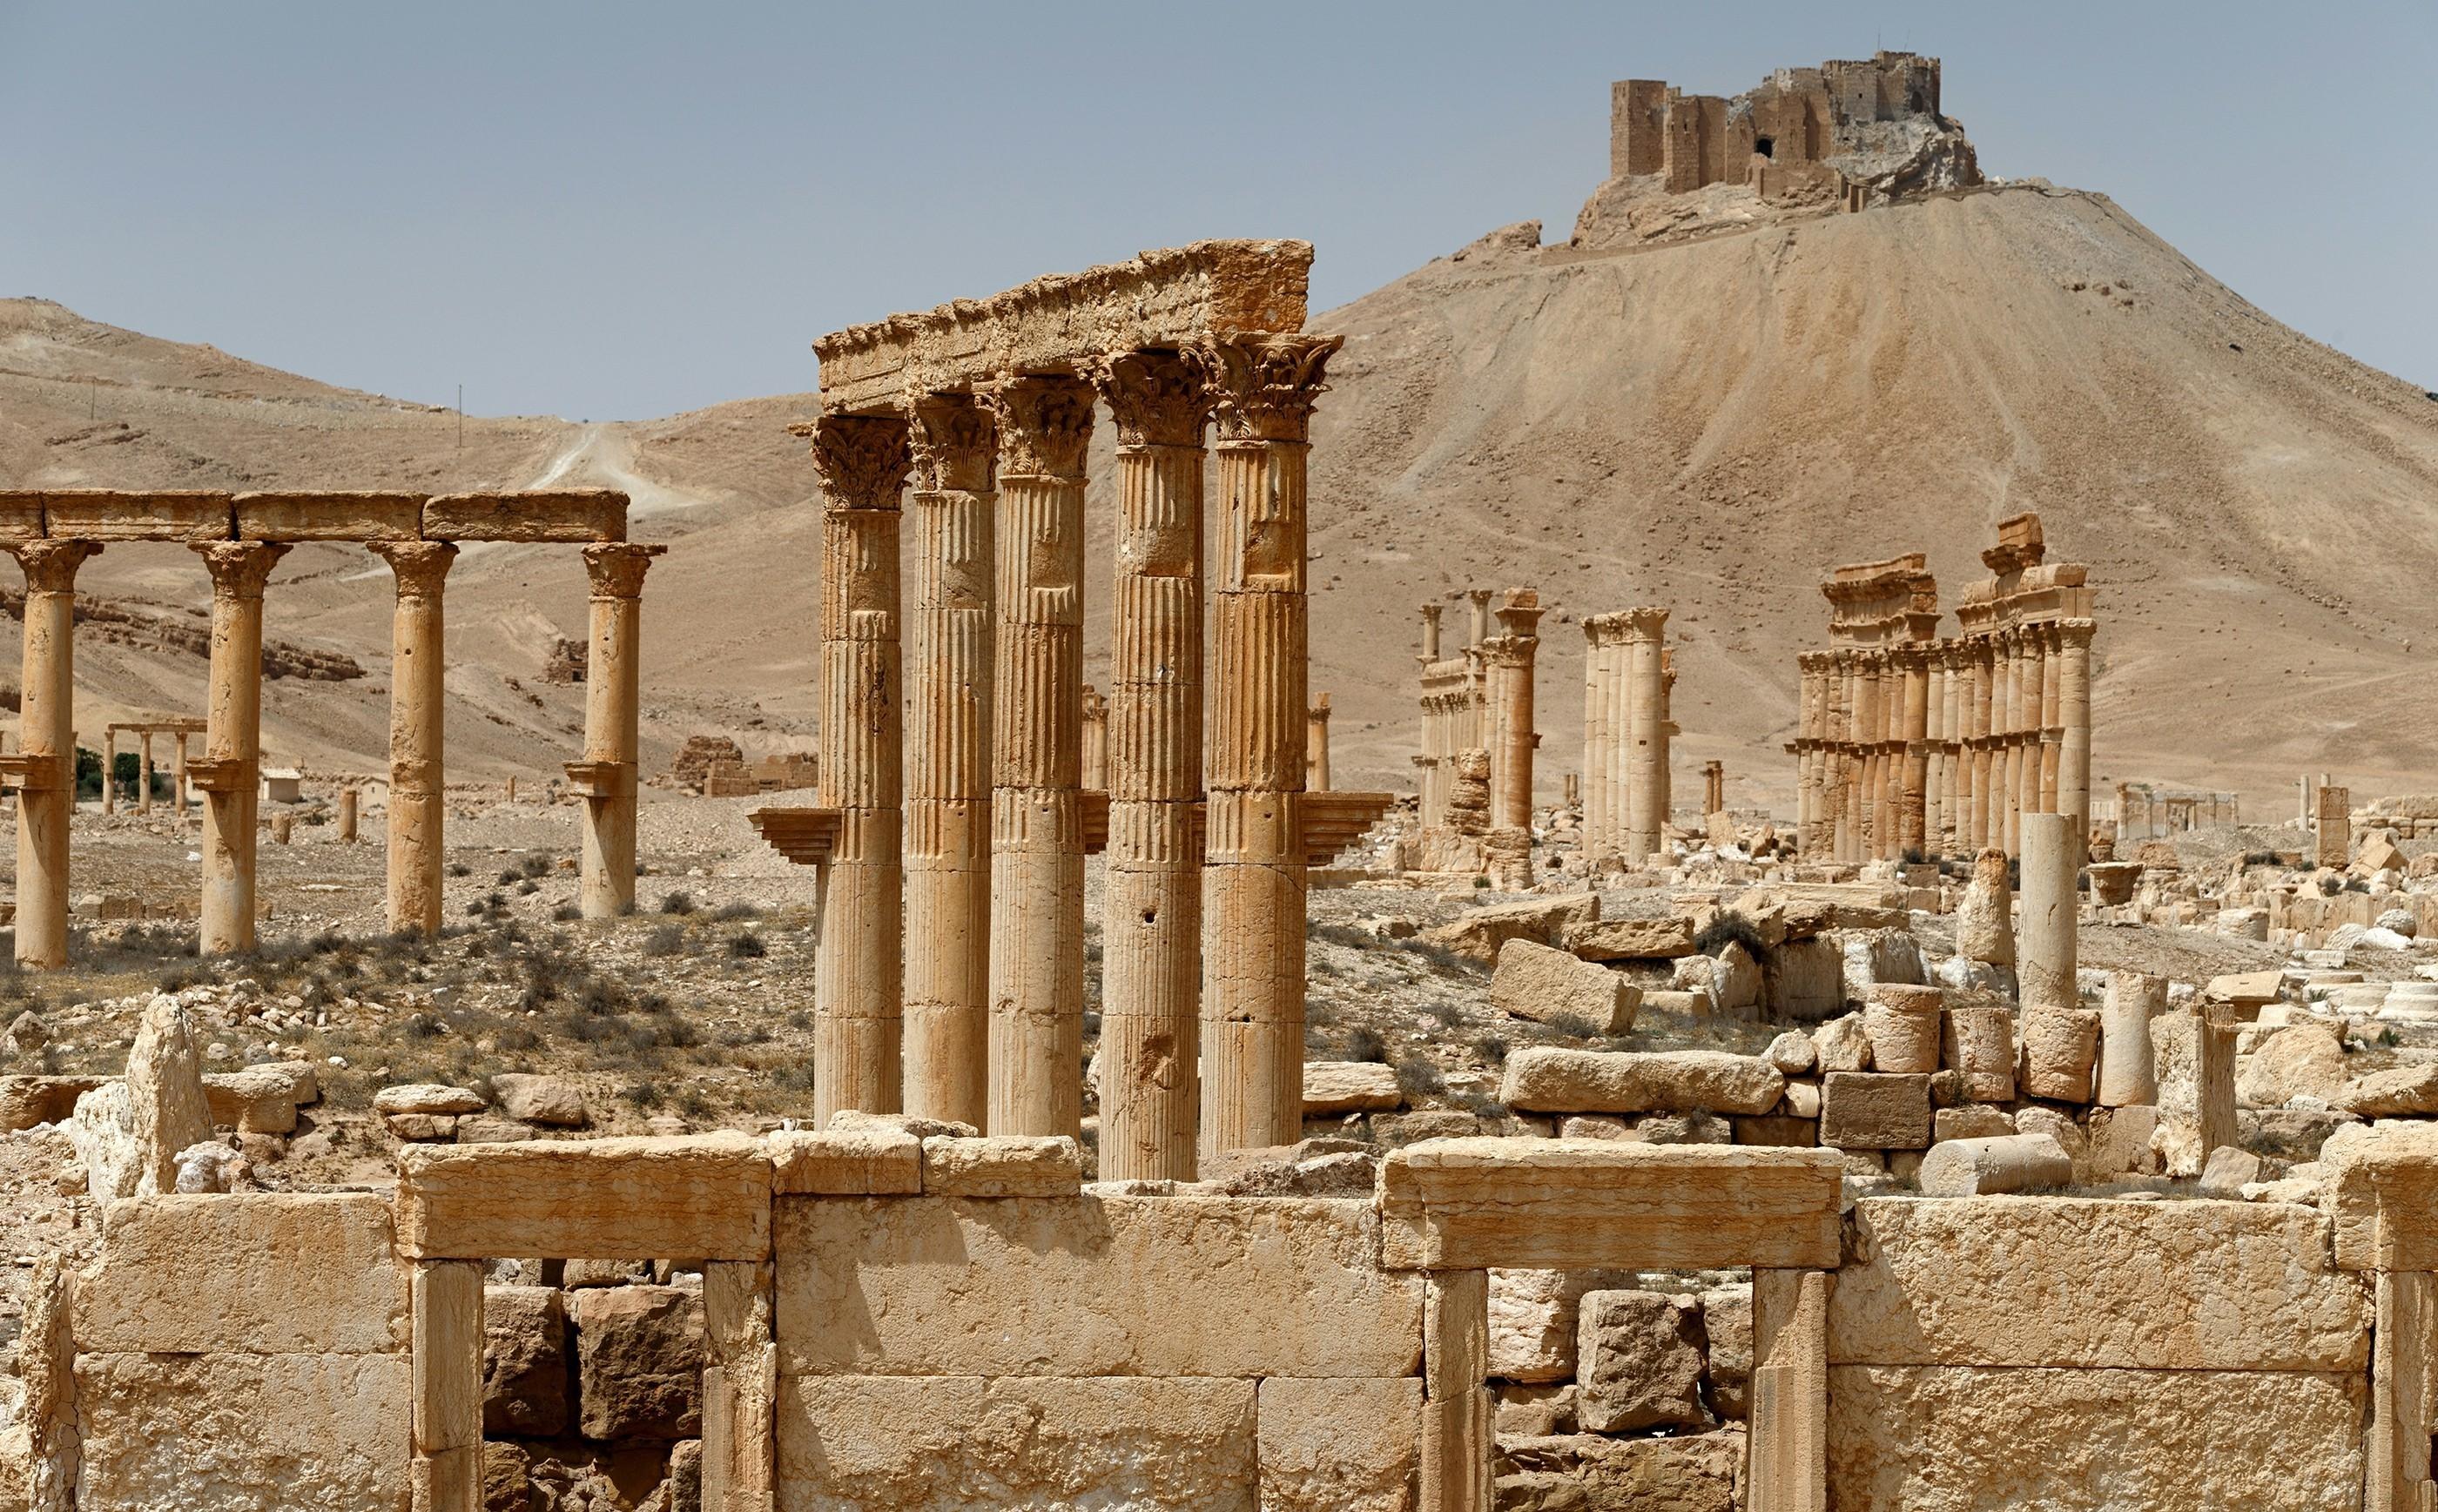 ВСирии покрупицам восстанавливают древнюю Пальмиру— репортаж